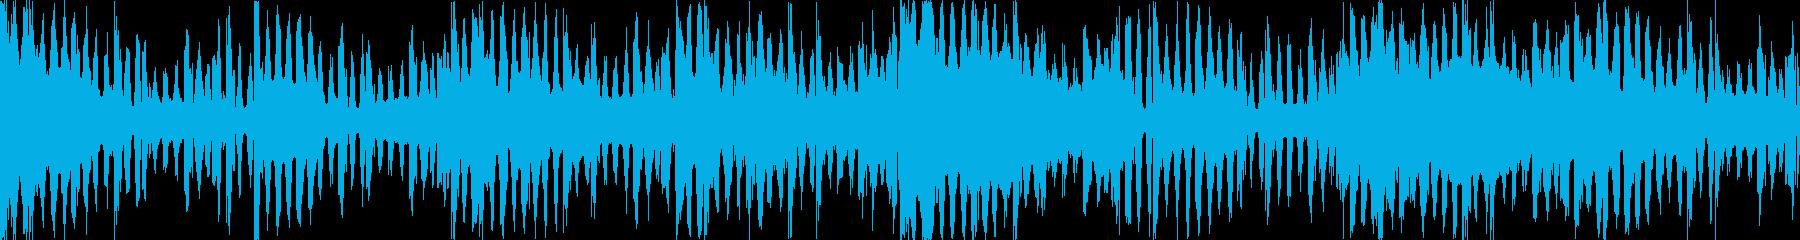 ダブステップ ホラー系の不気味なダブステの再生済みの波形